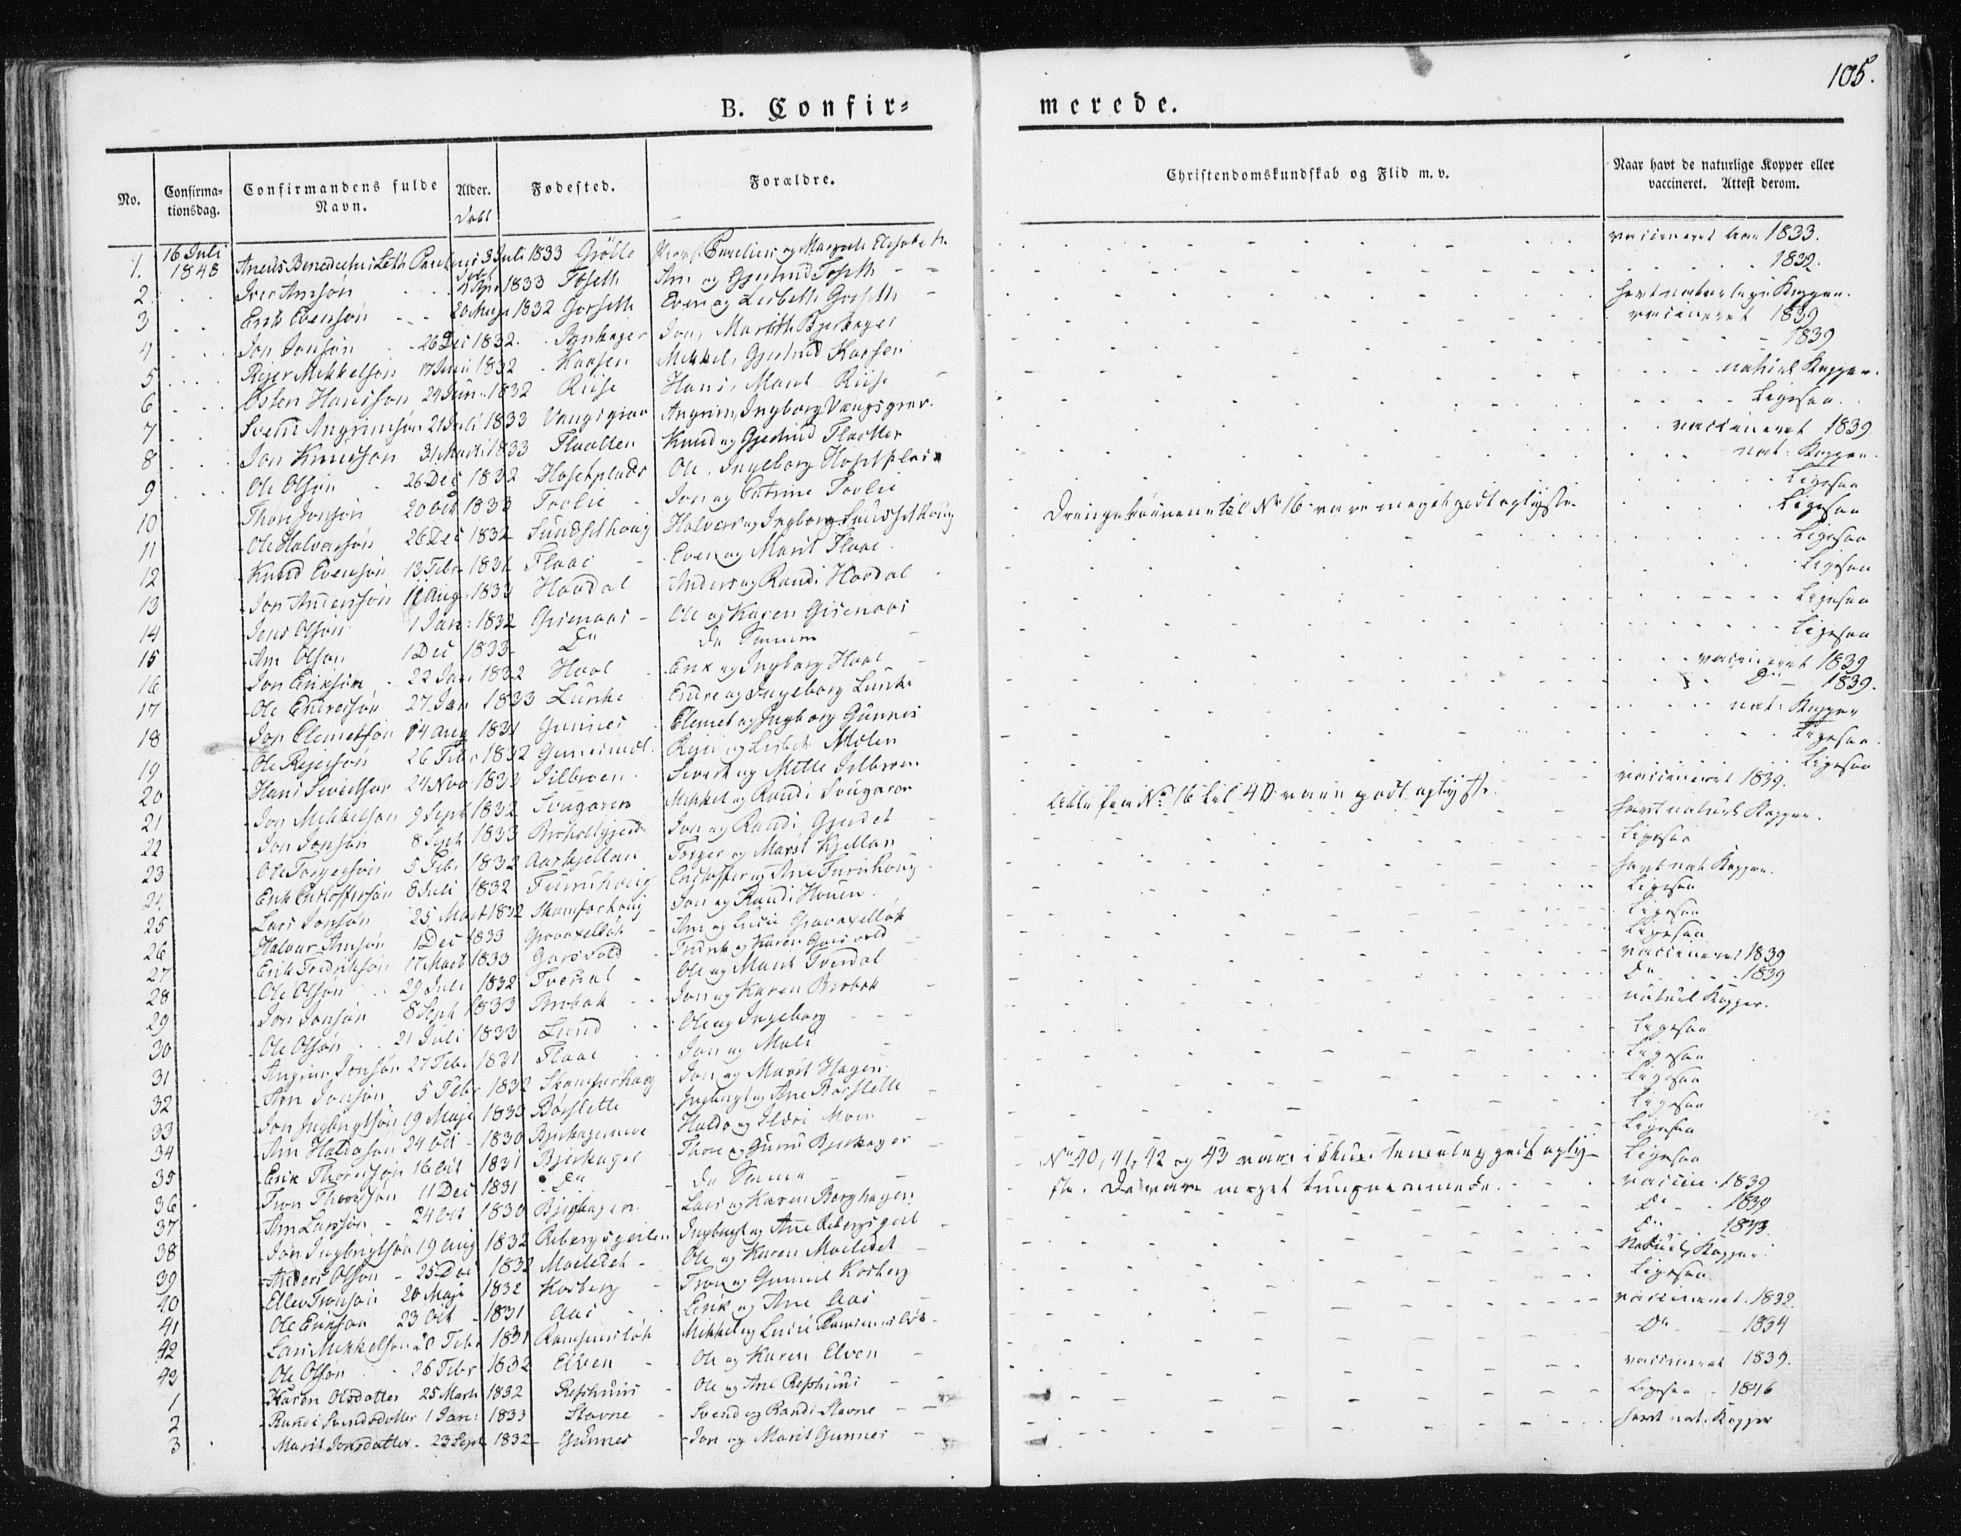 SAT, Ministerialprotokoller, klokkerbøker og fødselsregistre - Sør-Trøndelag, 674/L0869: Ministerialbok nr. 674A01, 1829-1860, s. 105